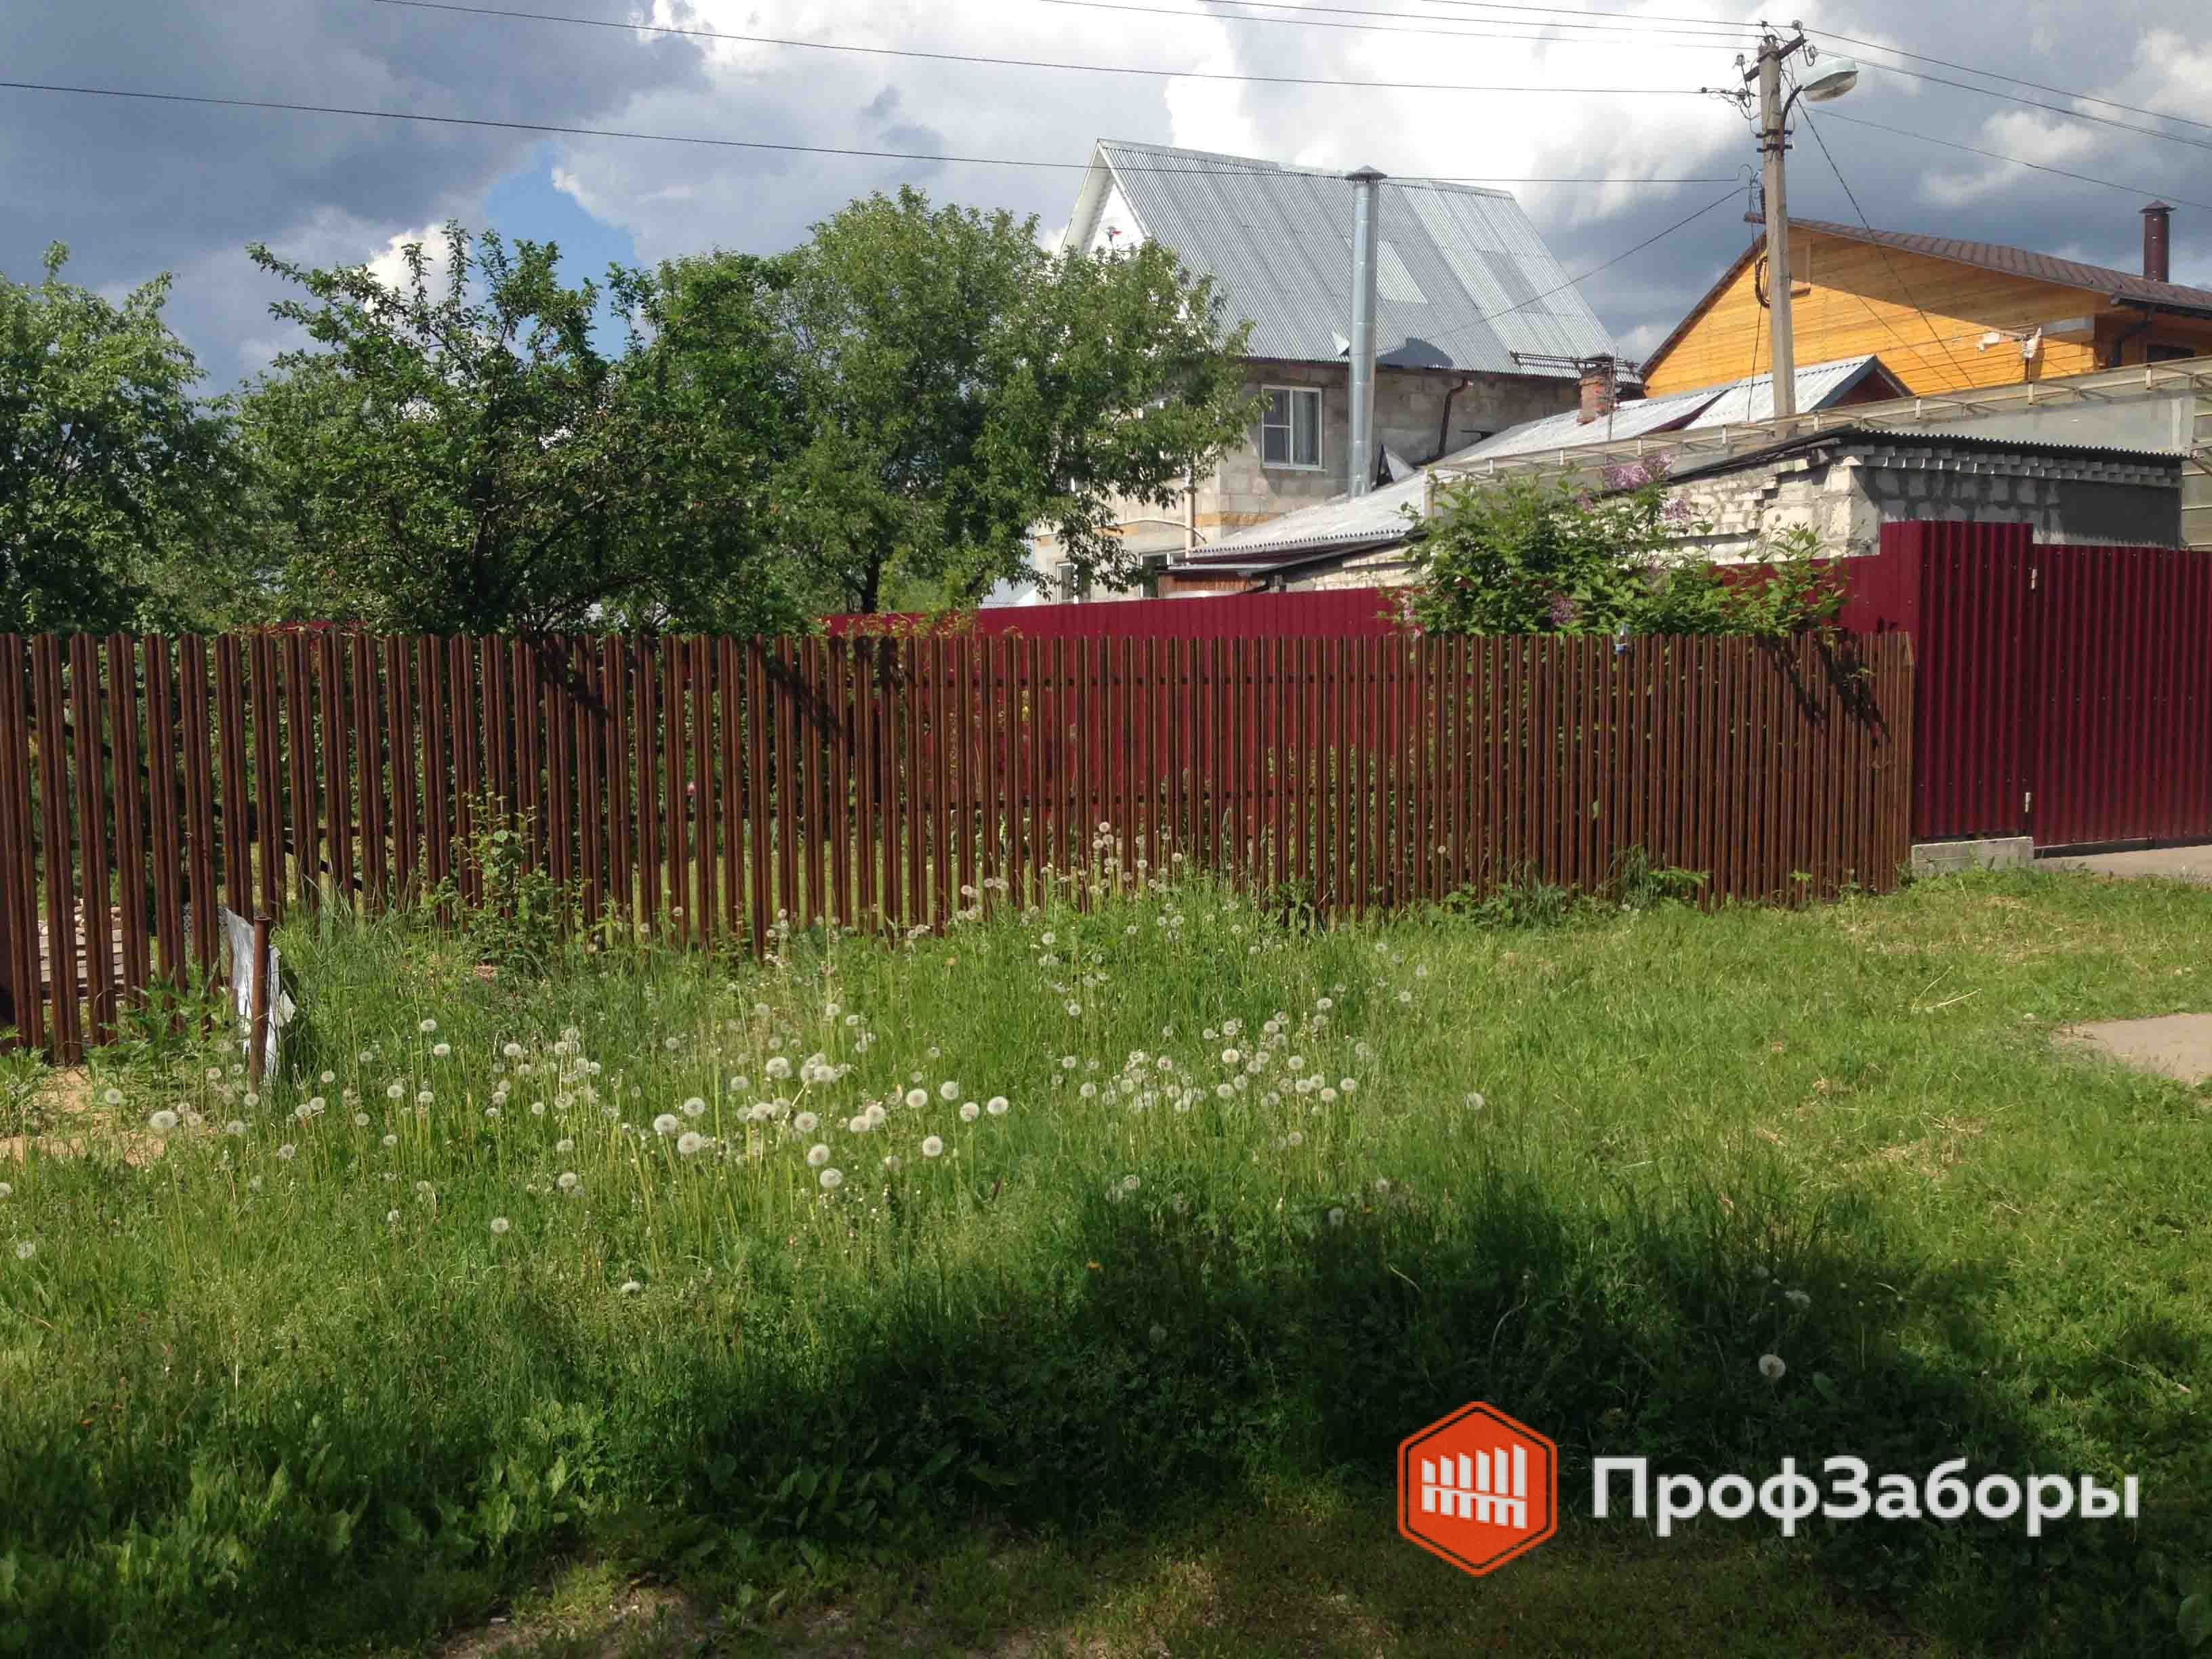 Заборы Из евроштакетника - Рязанская область. Фото 4